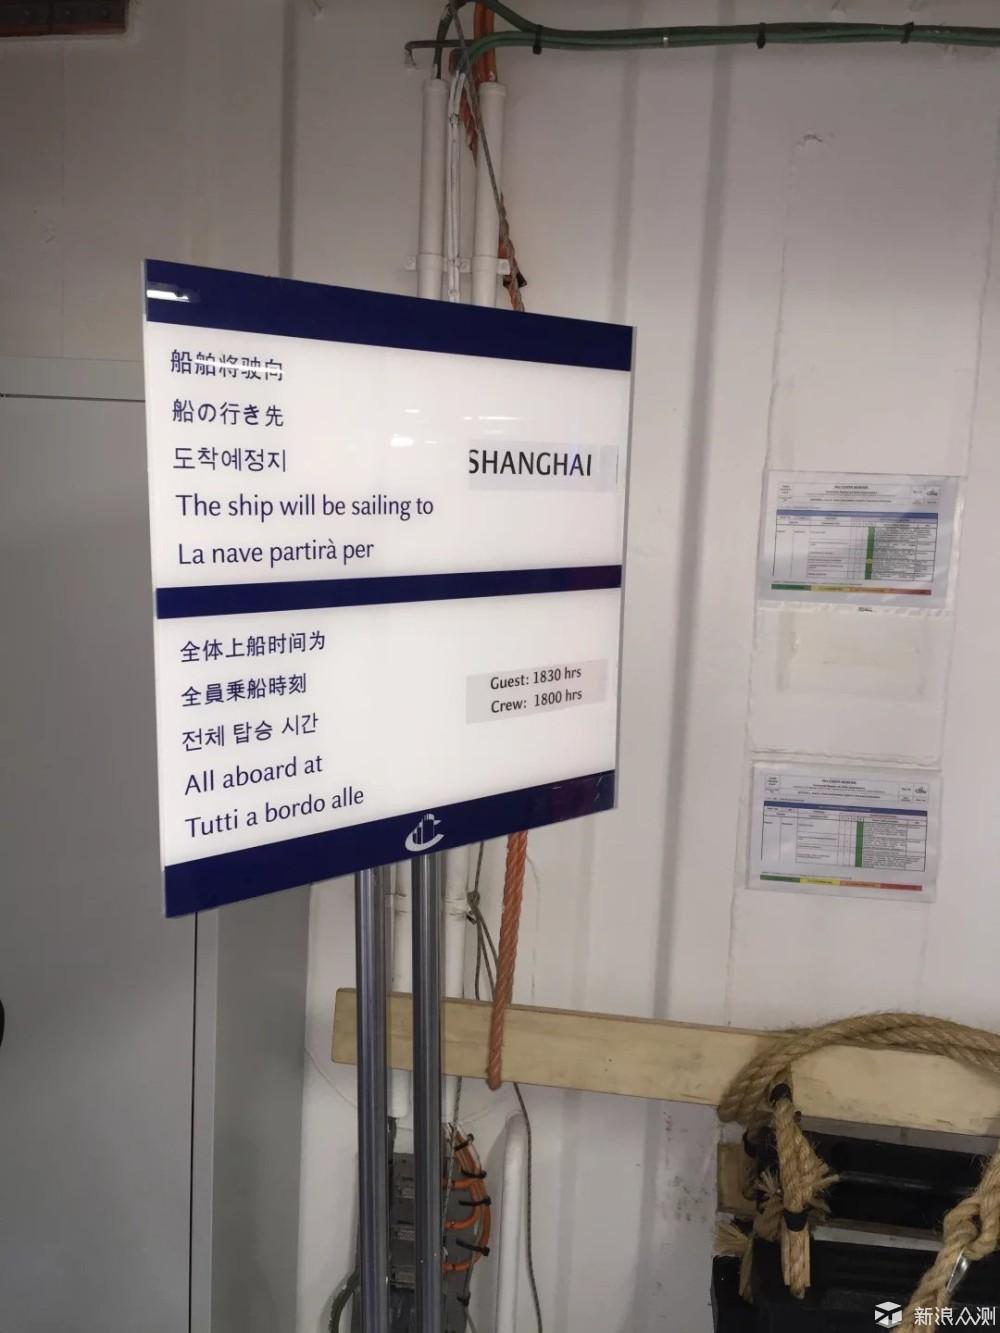 歌诗达赛琳娜号邮轮韩国济州、日本福冈五日游_新浪众测